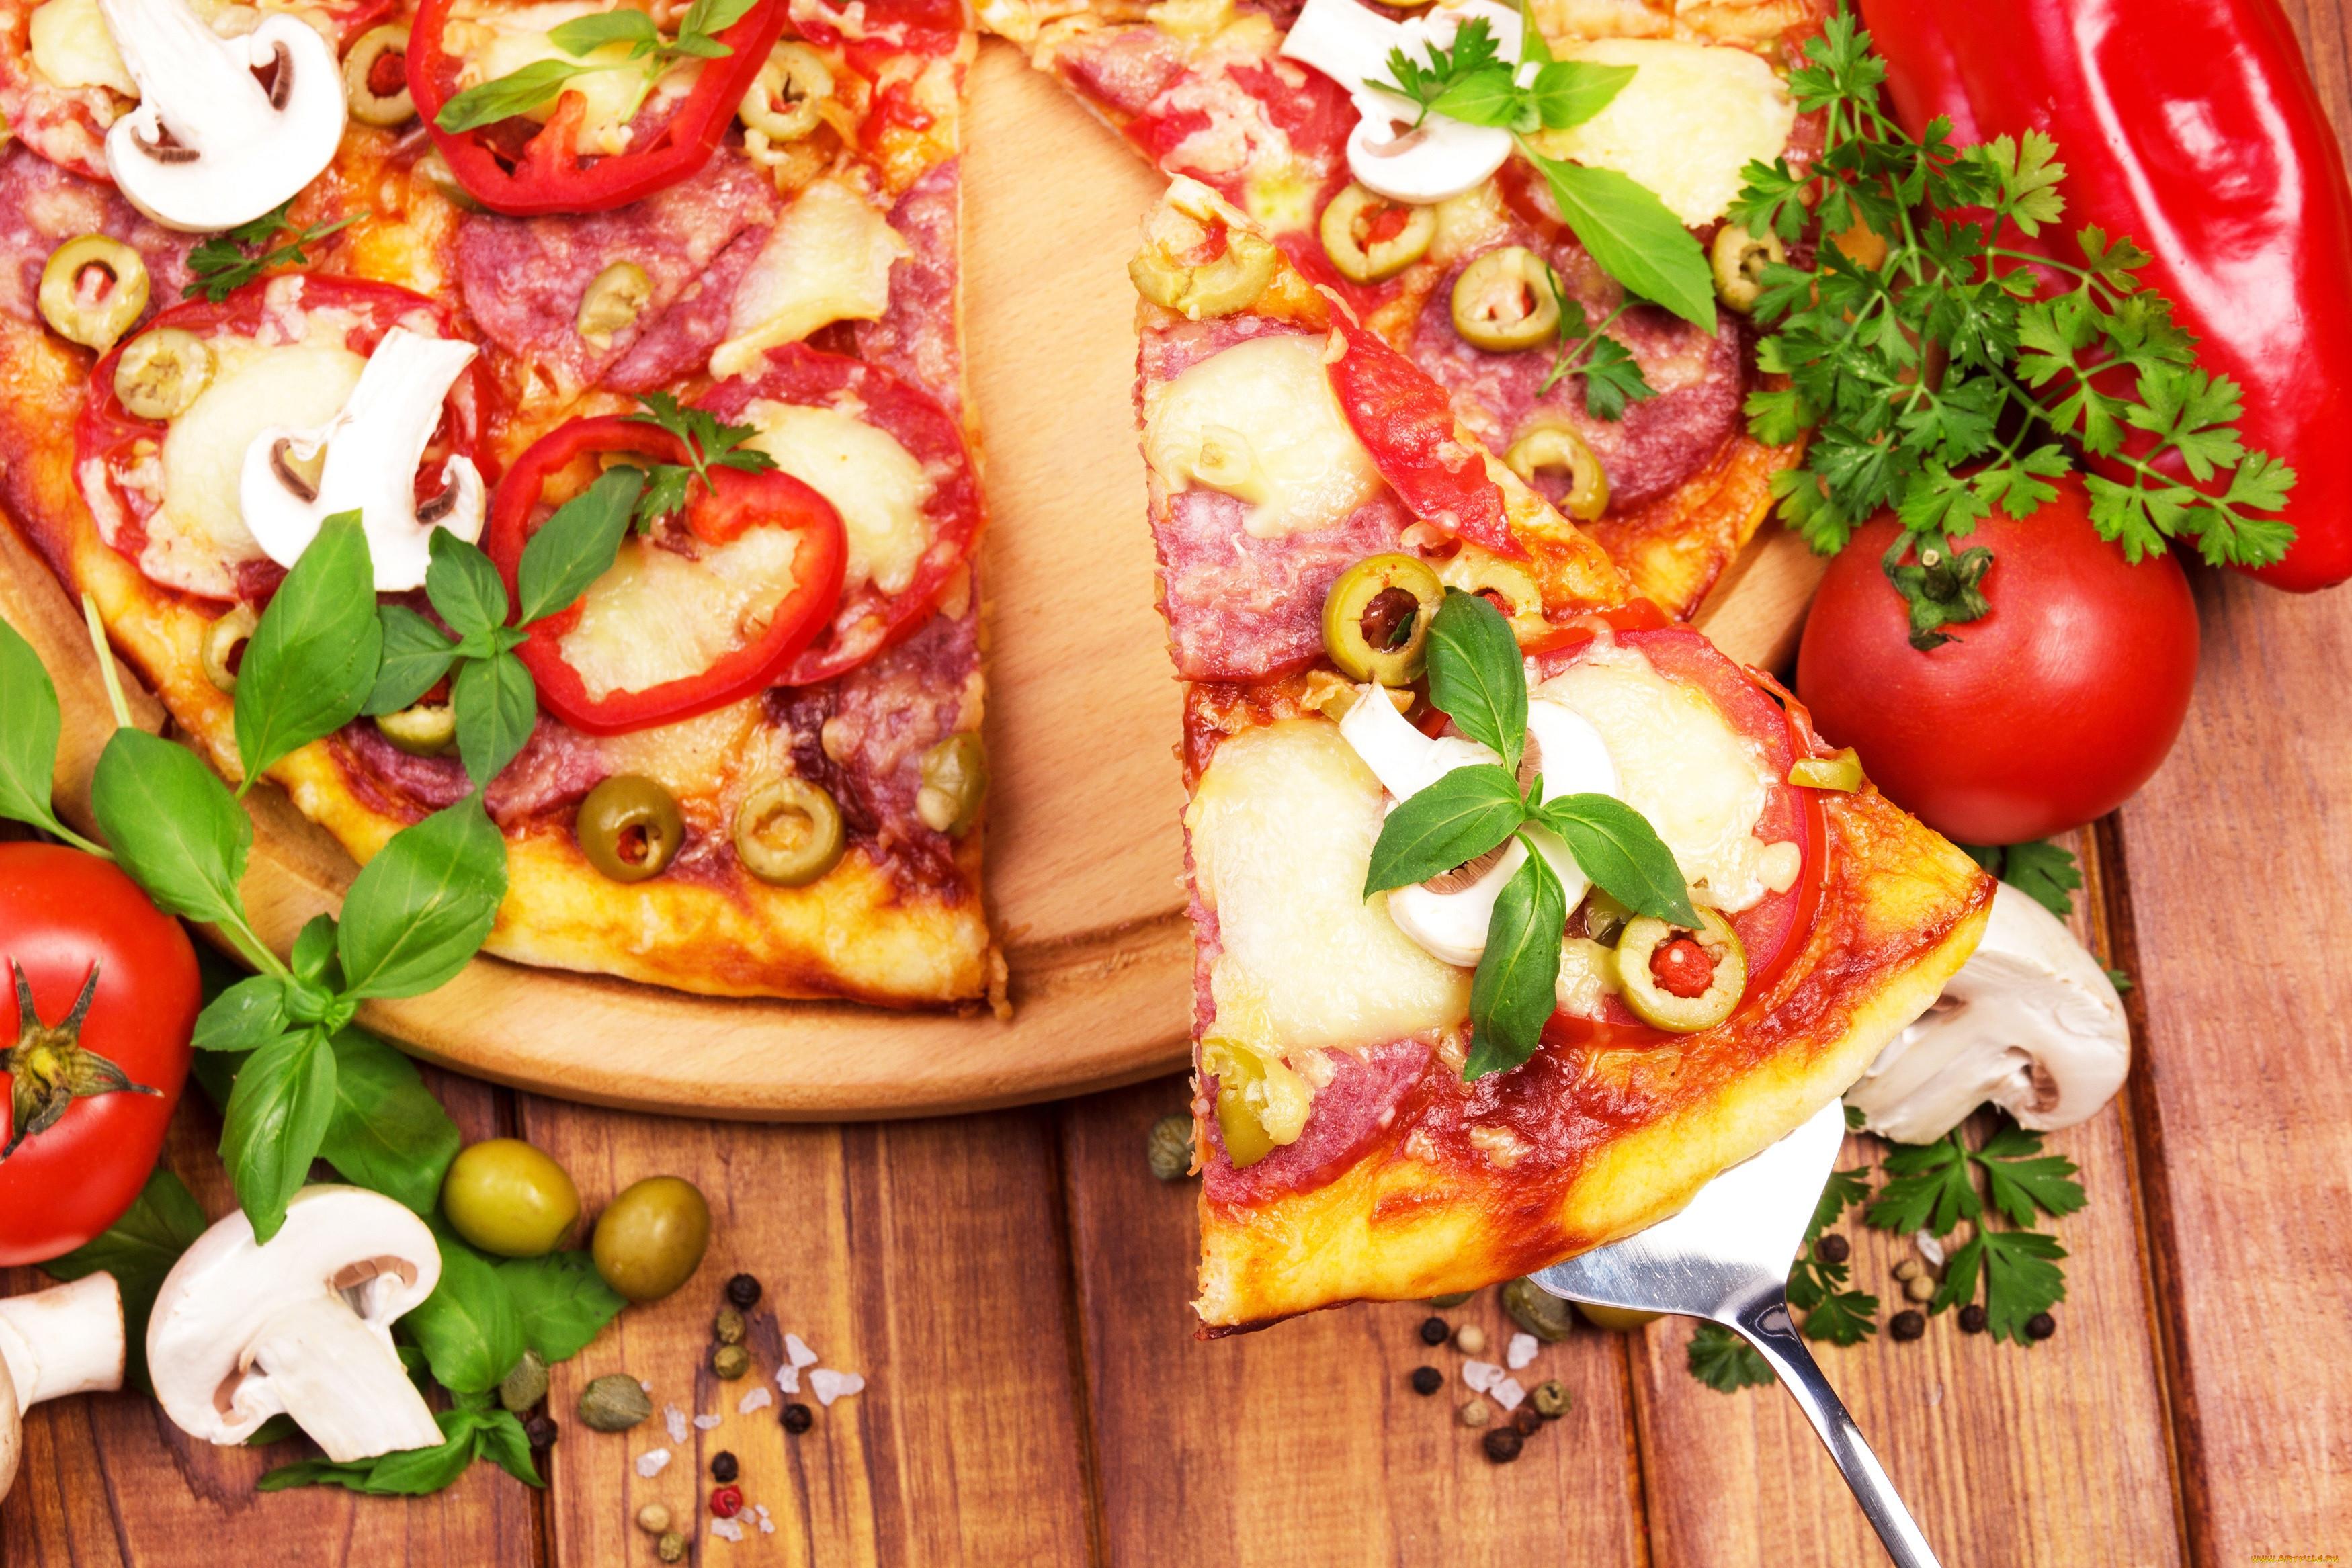 сведениям картинки еды в высоком качестве картинки навруз байрам